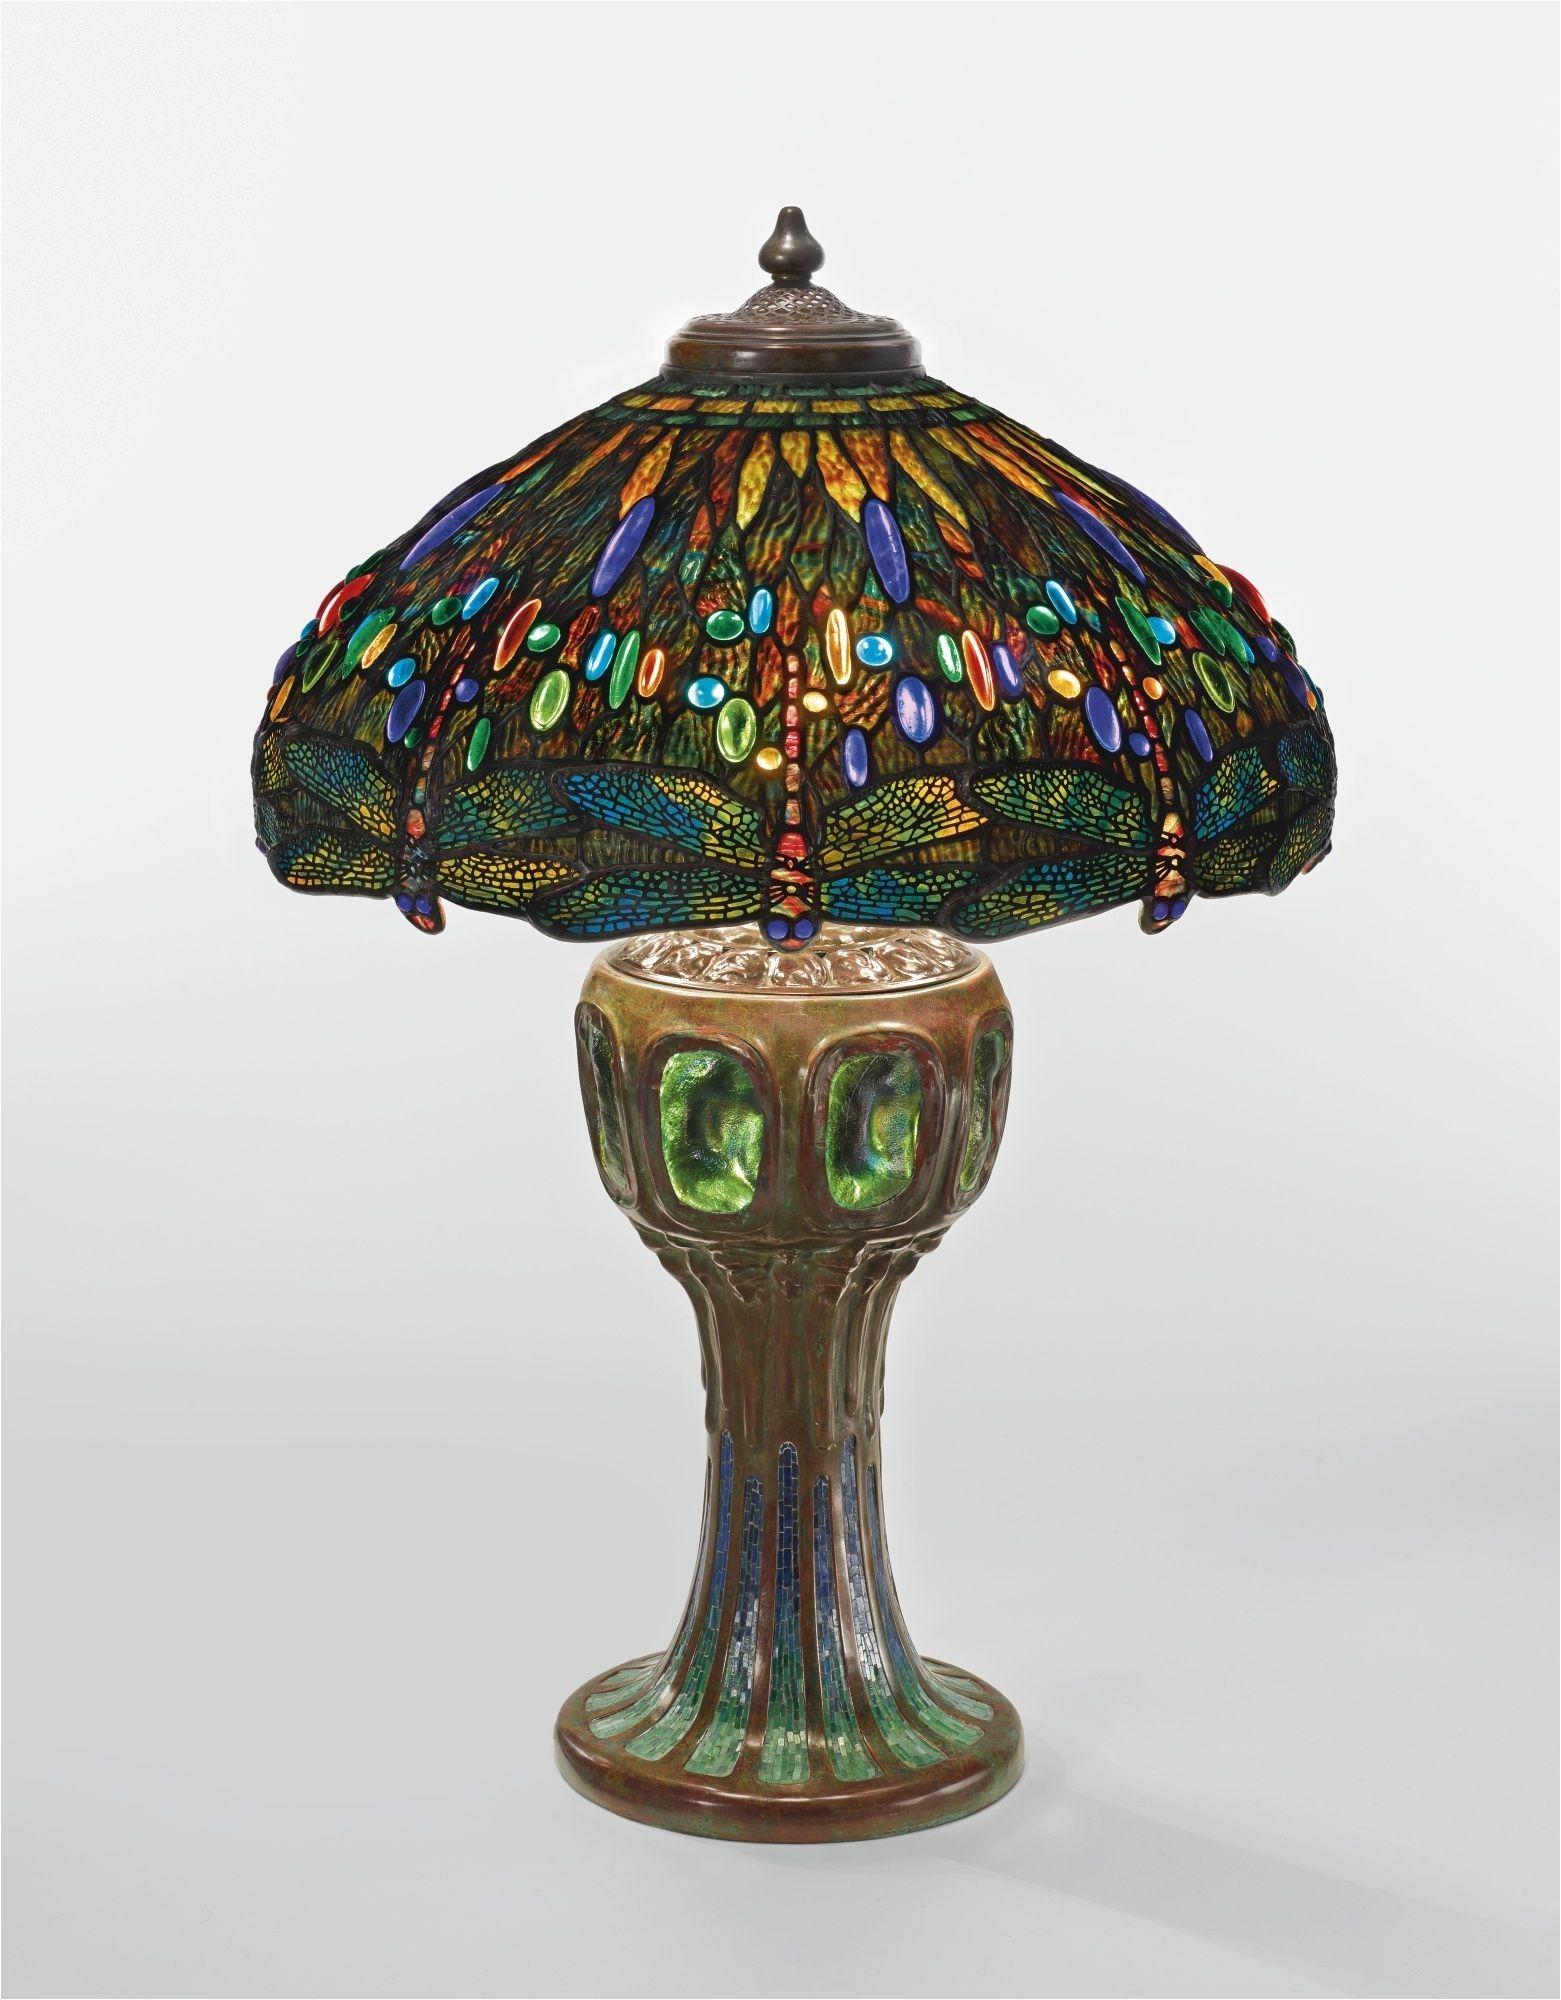 tiffany studios dragonfly table lamp shade impressed tiffany studios new york base impressed tiffany